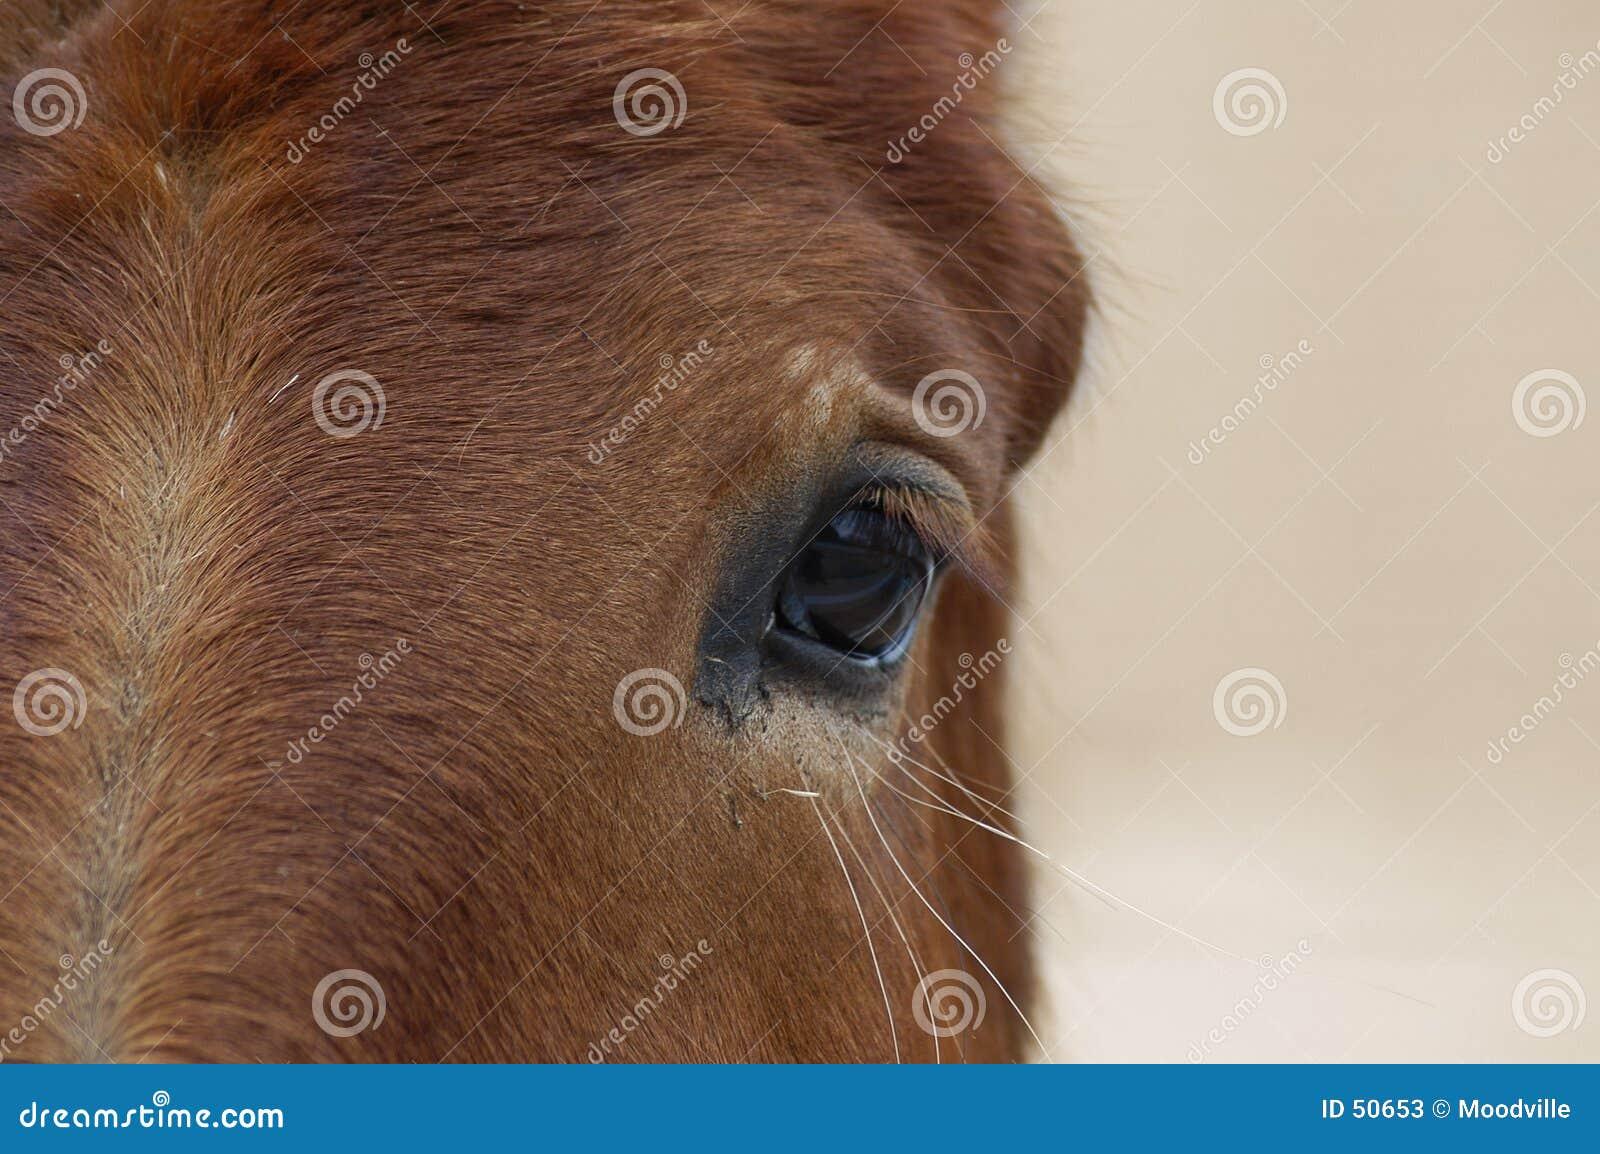 Koń jest głównym